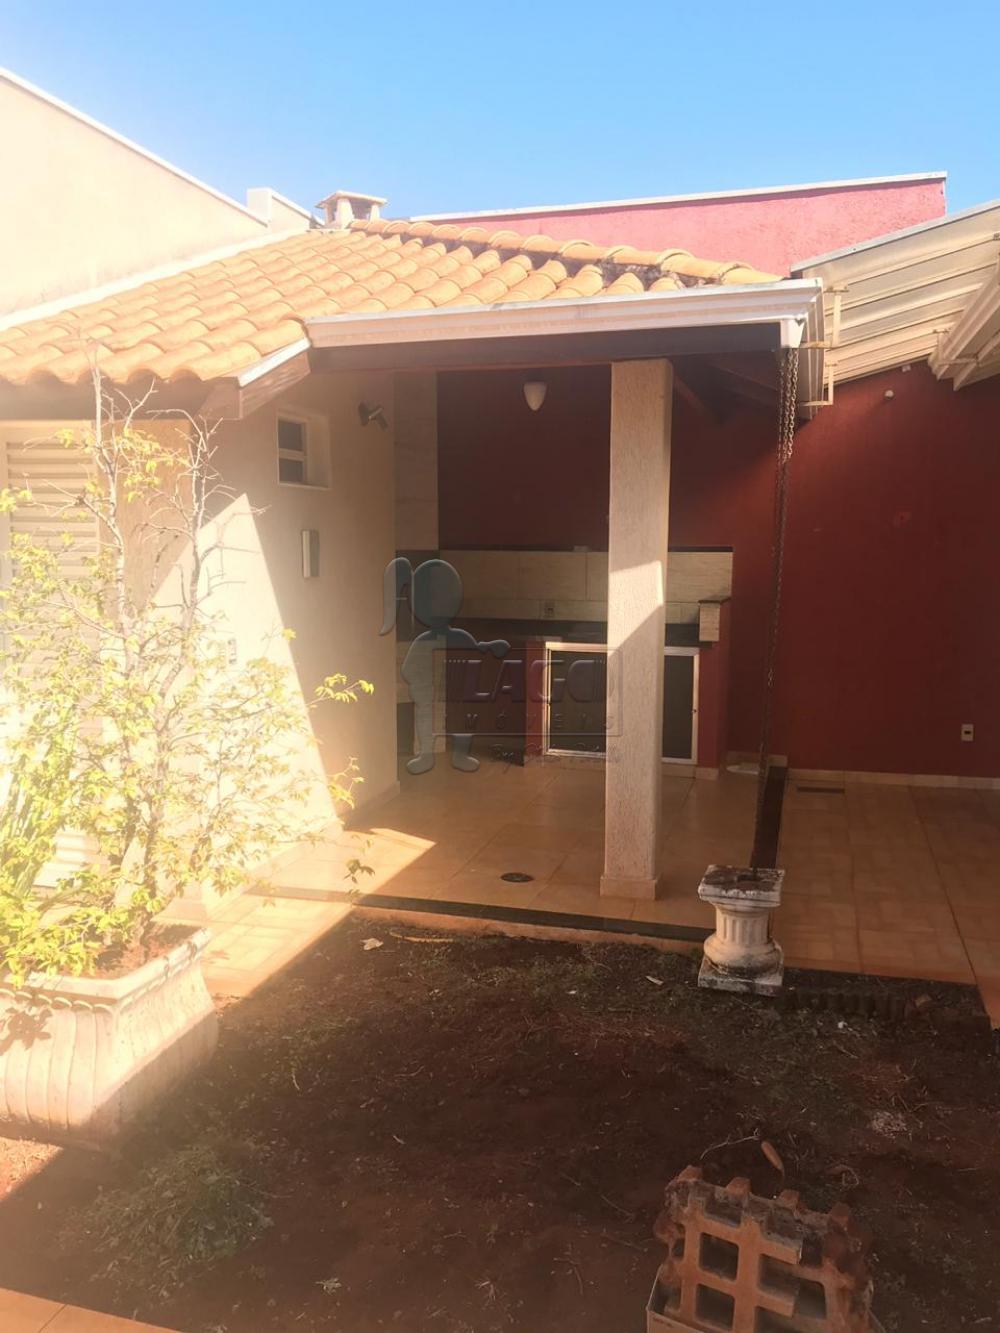 Alugar Casas / Condomínio em Ribeirão Preto apenas R$ 1.800,00 - Foto 16